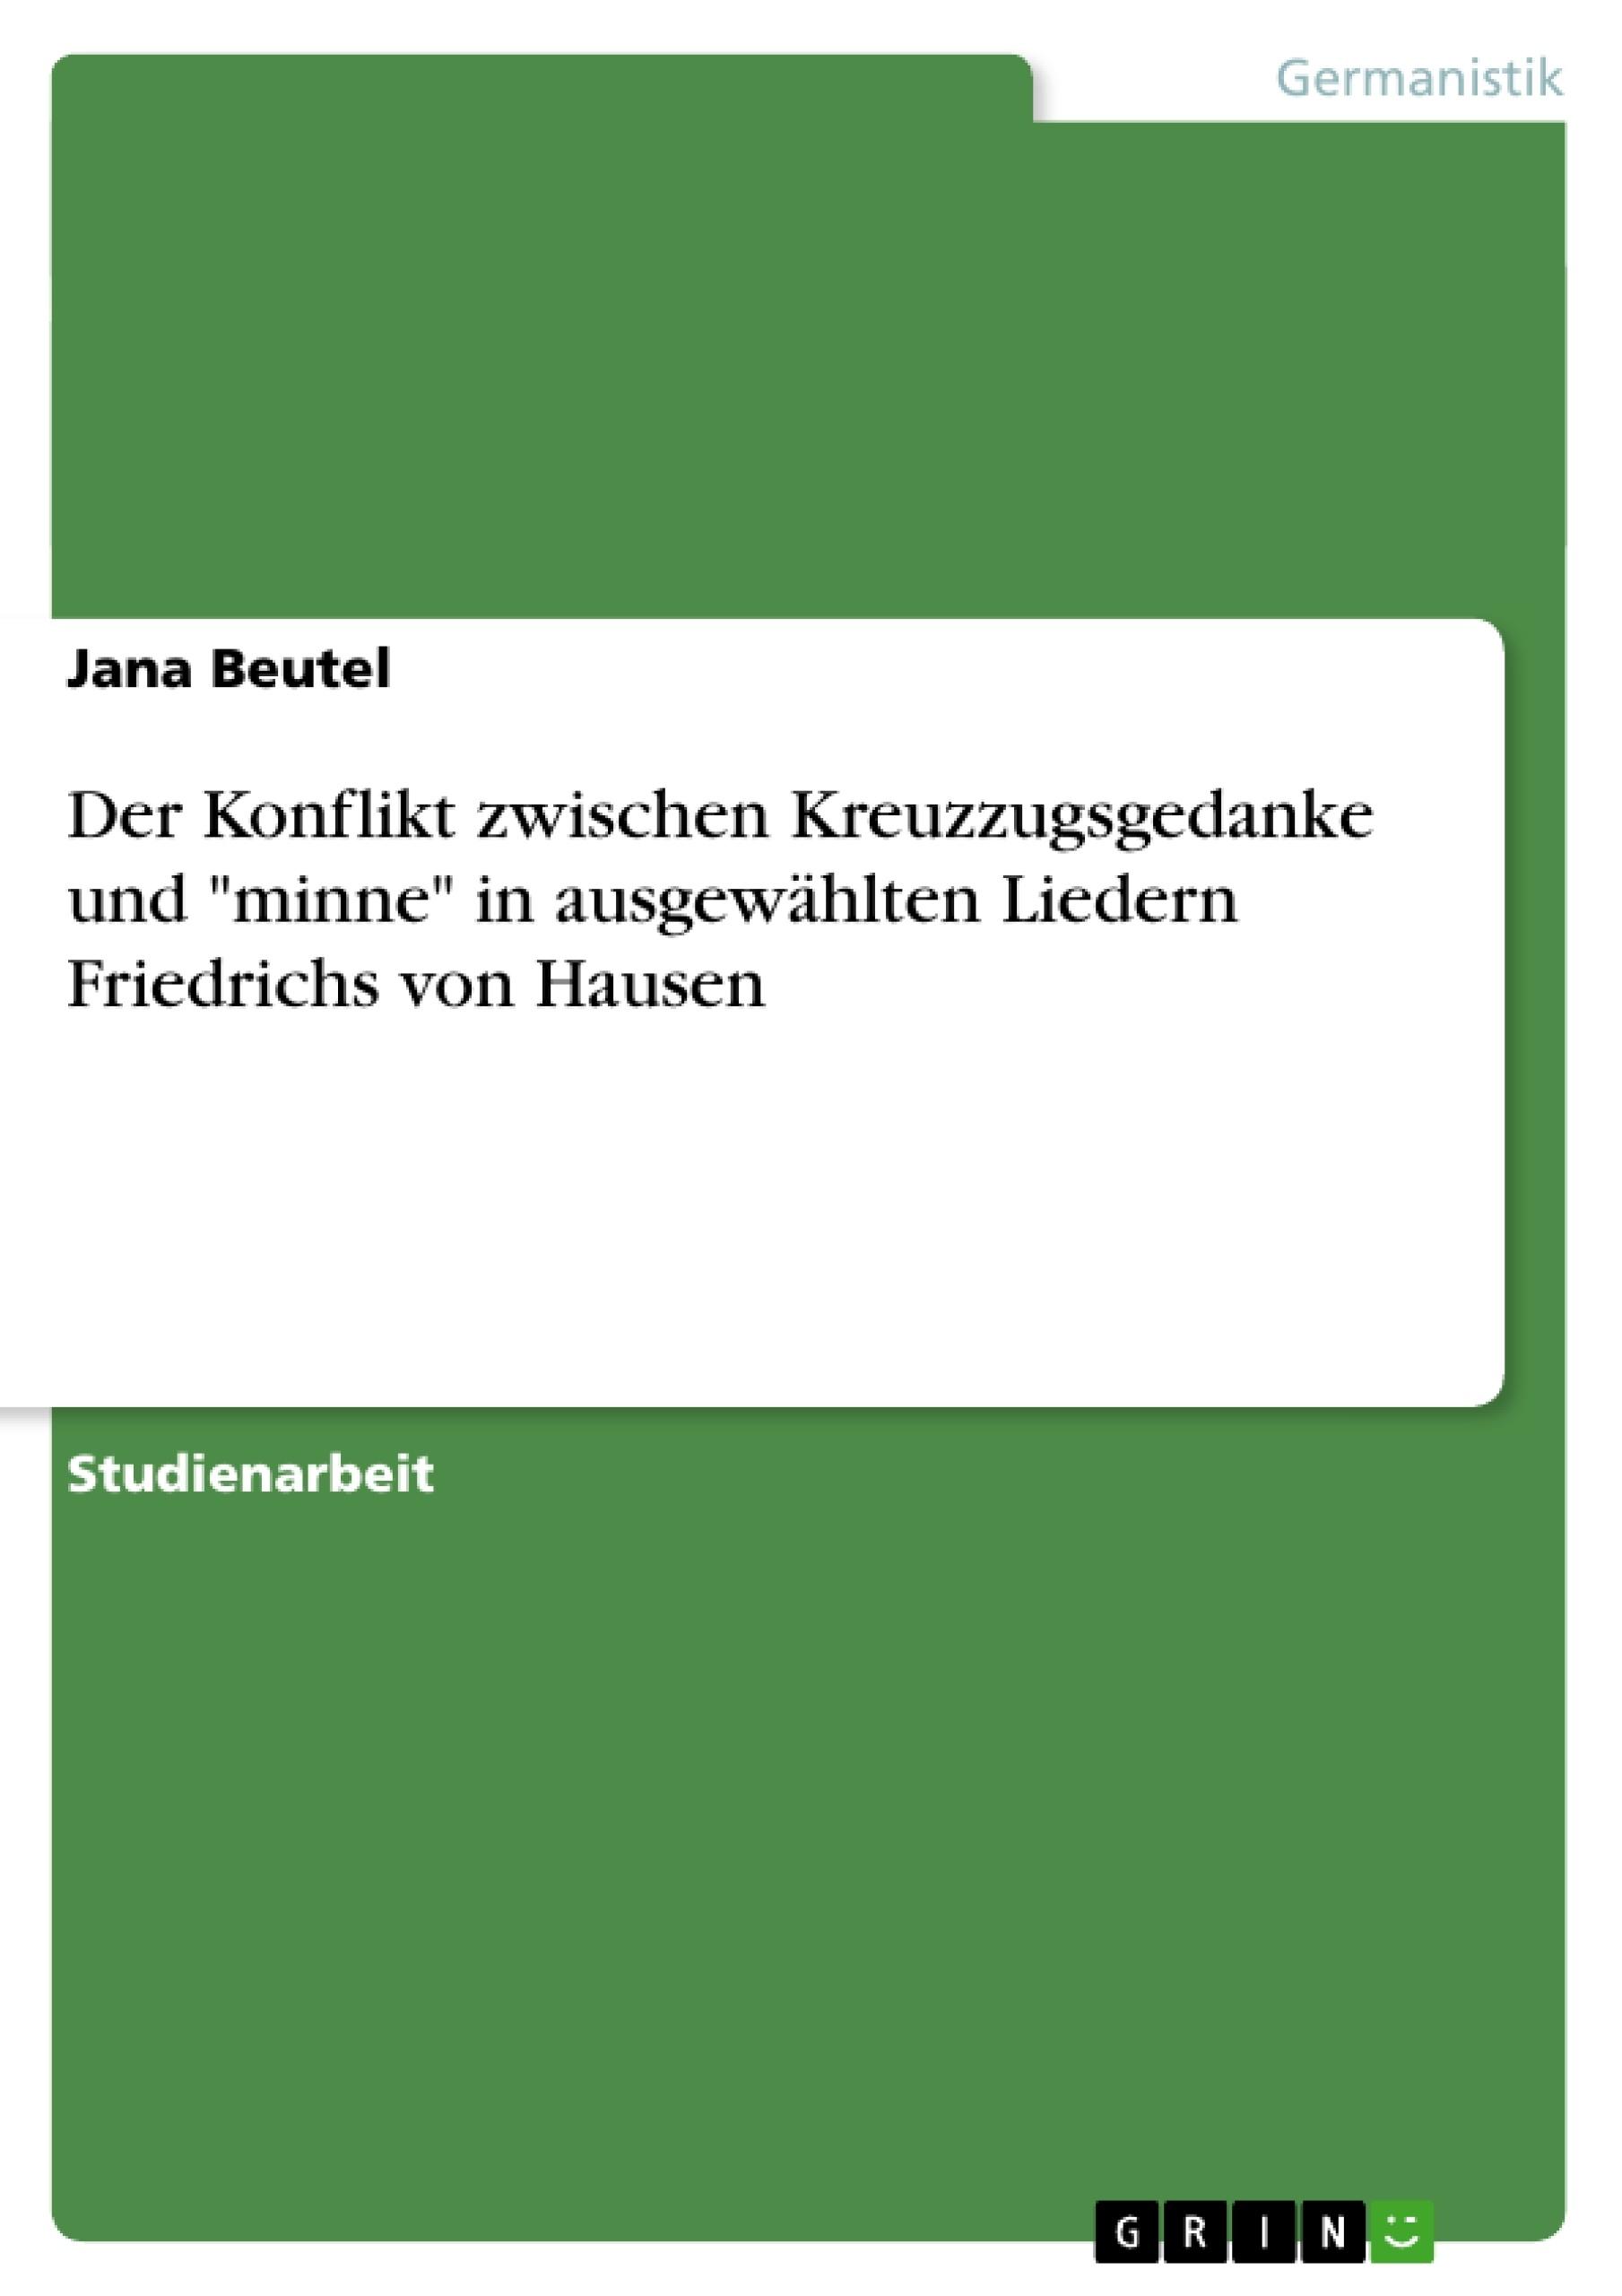 """Titel: Der Konflikt zwischen Kreuzzugsgedanke und """"minne"""" in ausgewählten Liedern Friedrichs von Hausen"""